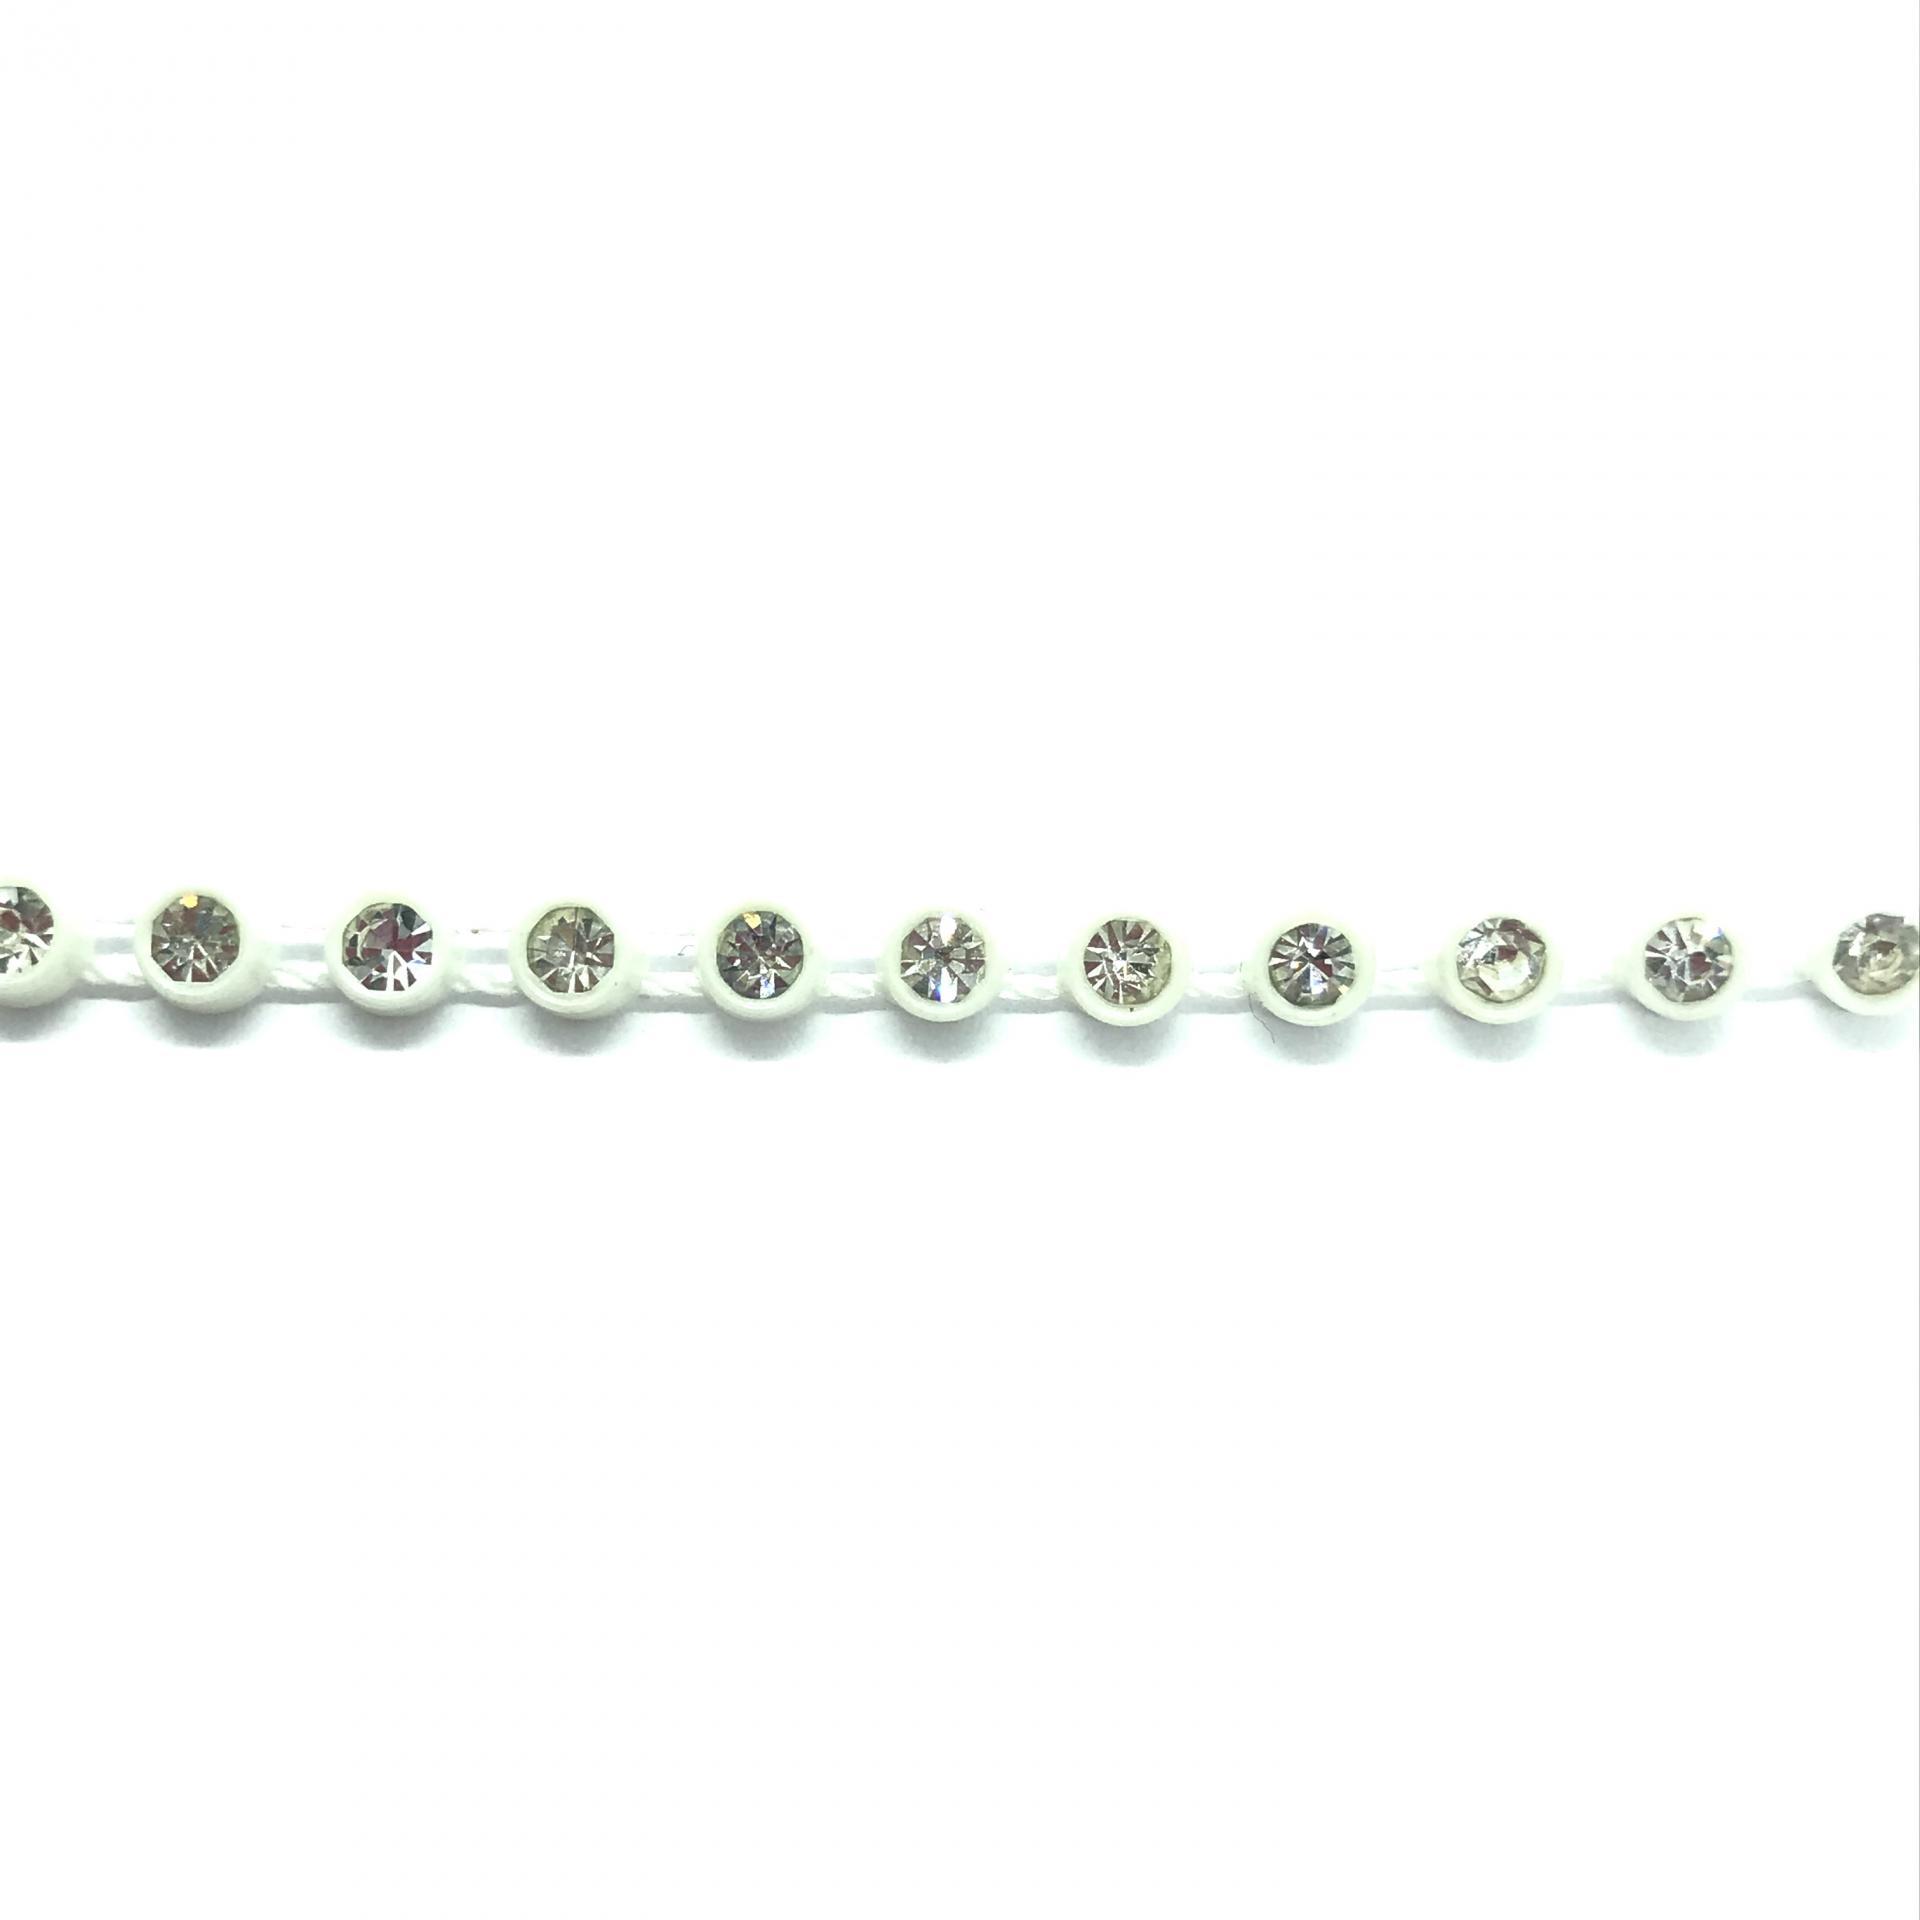 Galon de strass a coudre cristal base plastique blanche 5mm